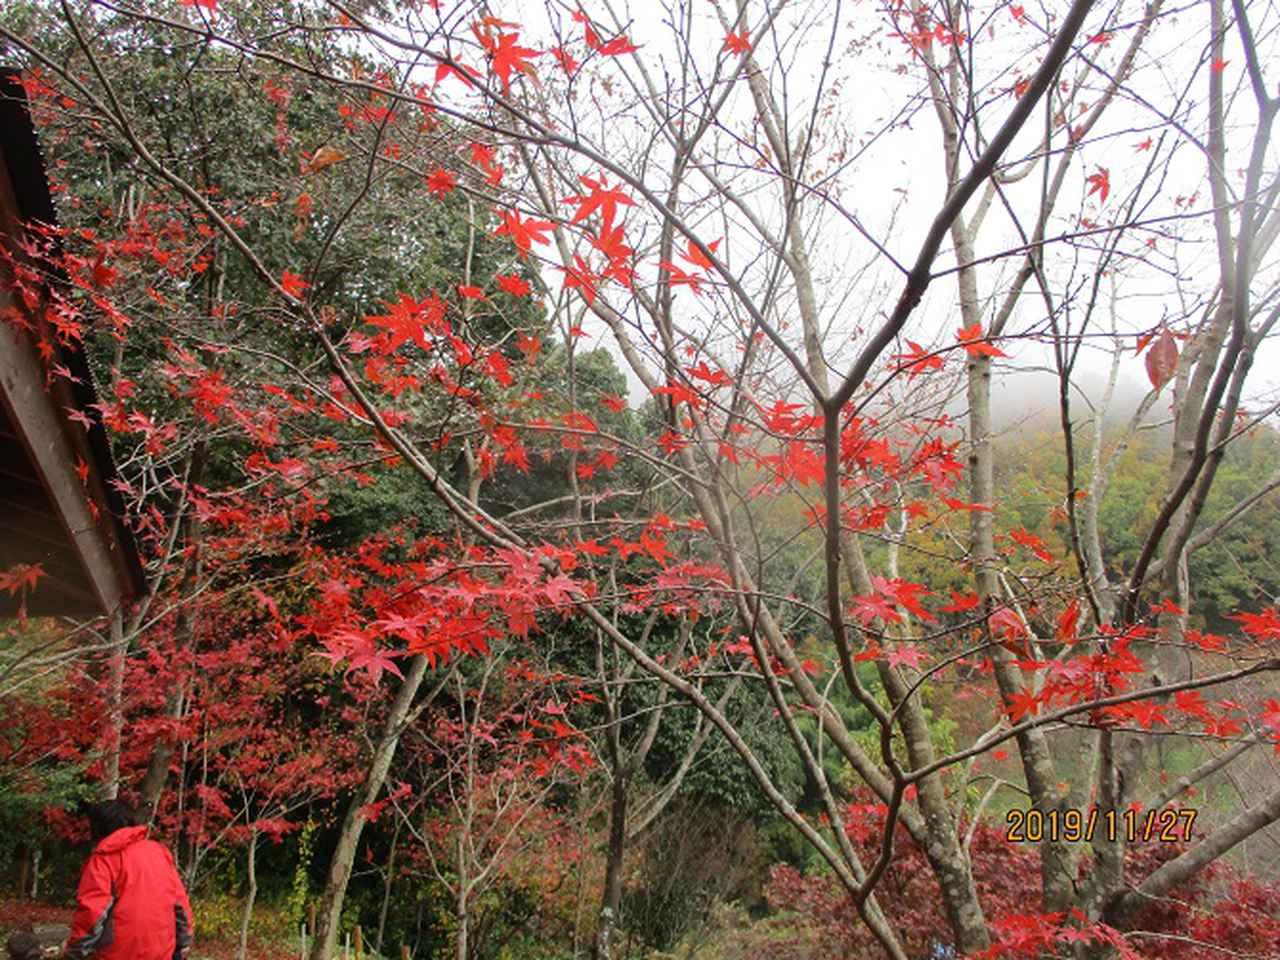 画像11: 11月27日に山旅会 矢倉岳 ツアーに行ってきました!